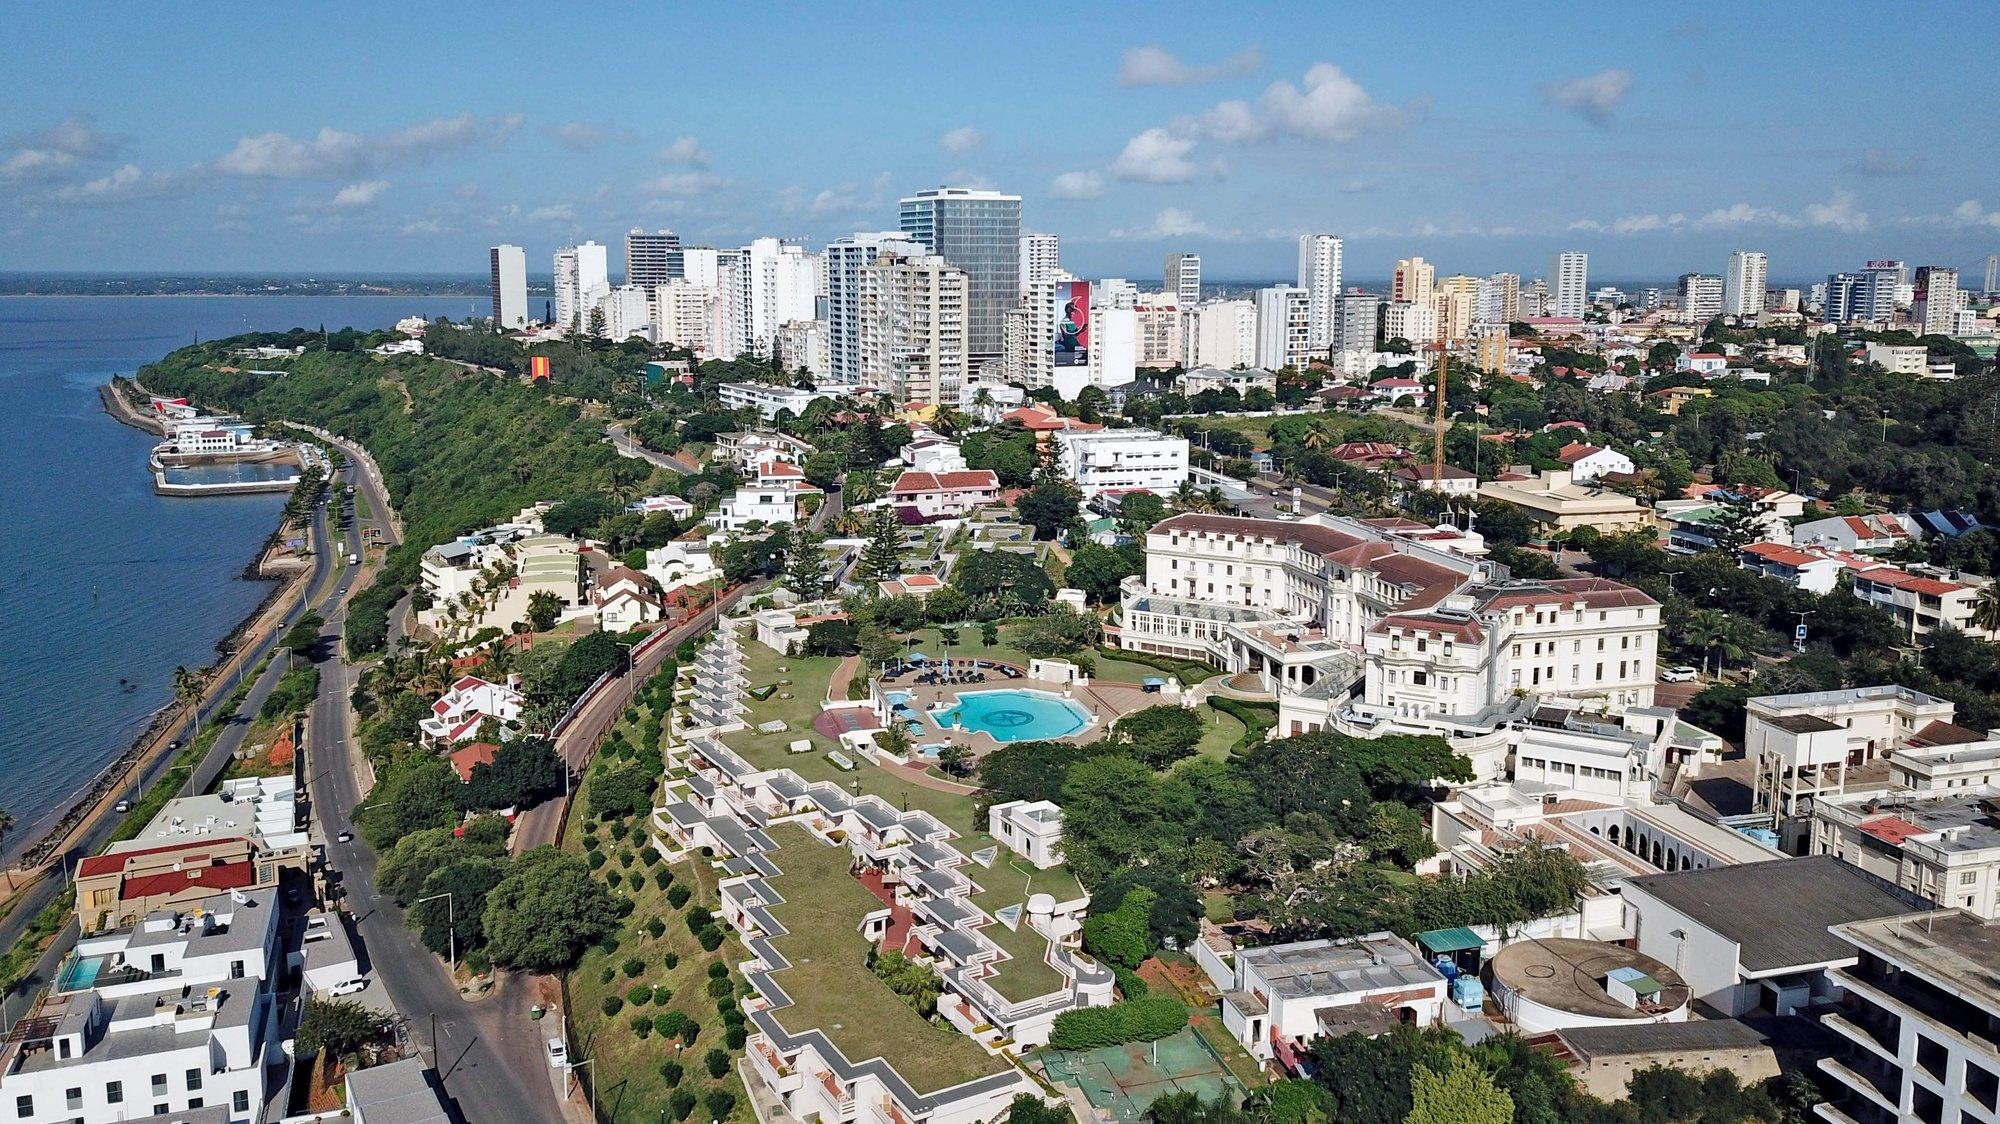 Fotografia aérea sobre o hotel Polana, em Maputo, Moçambique, 23 de abril de 2020. ANTÓNIO SILVA/LUSA